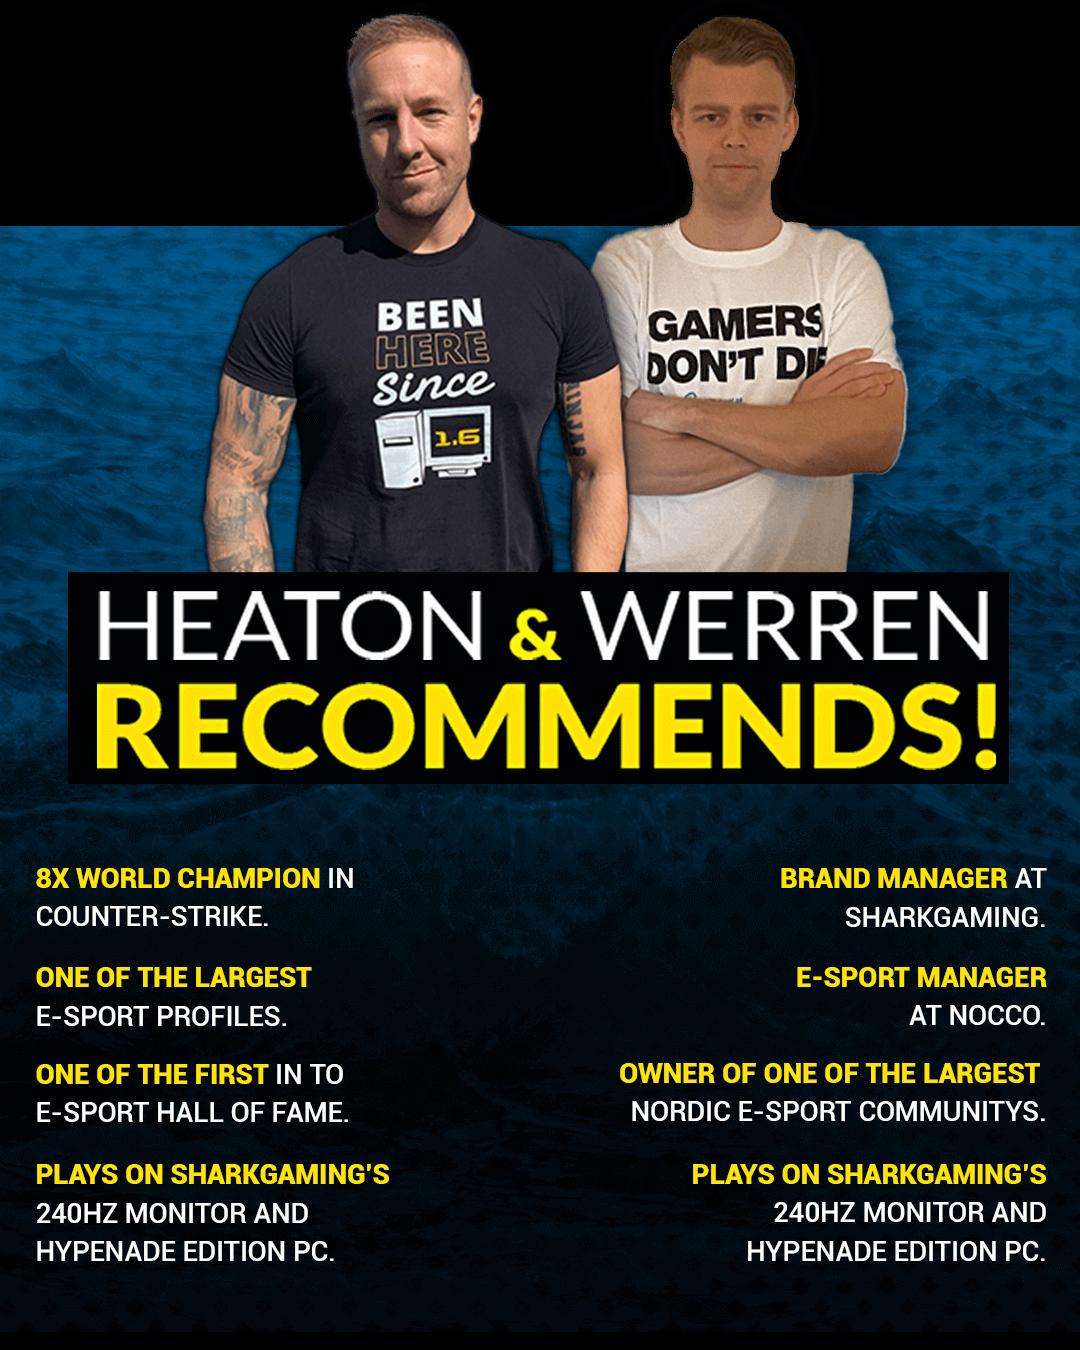 Heaton & Werren recommends